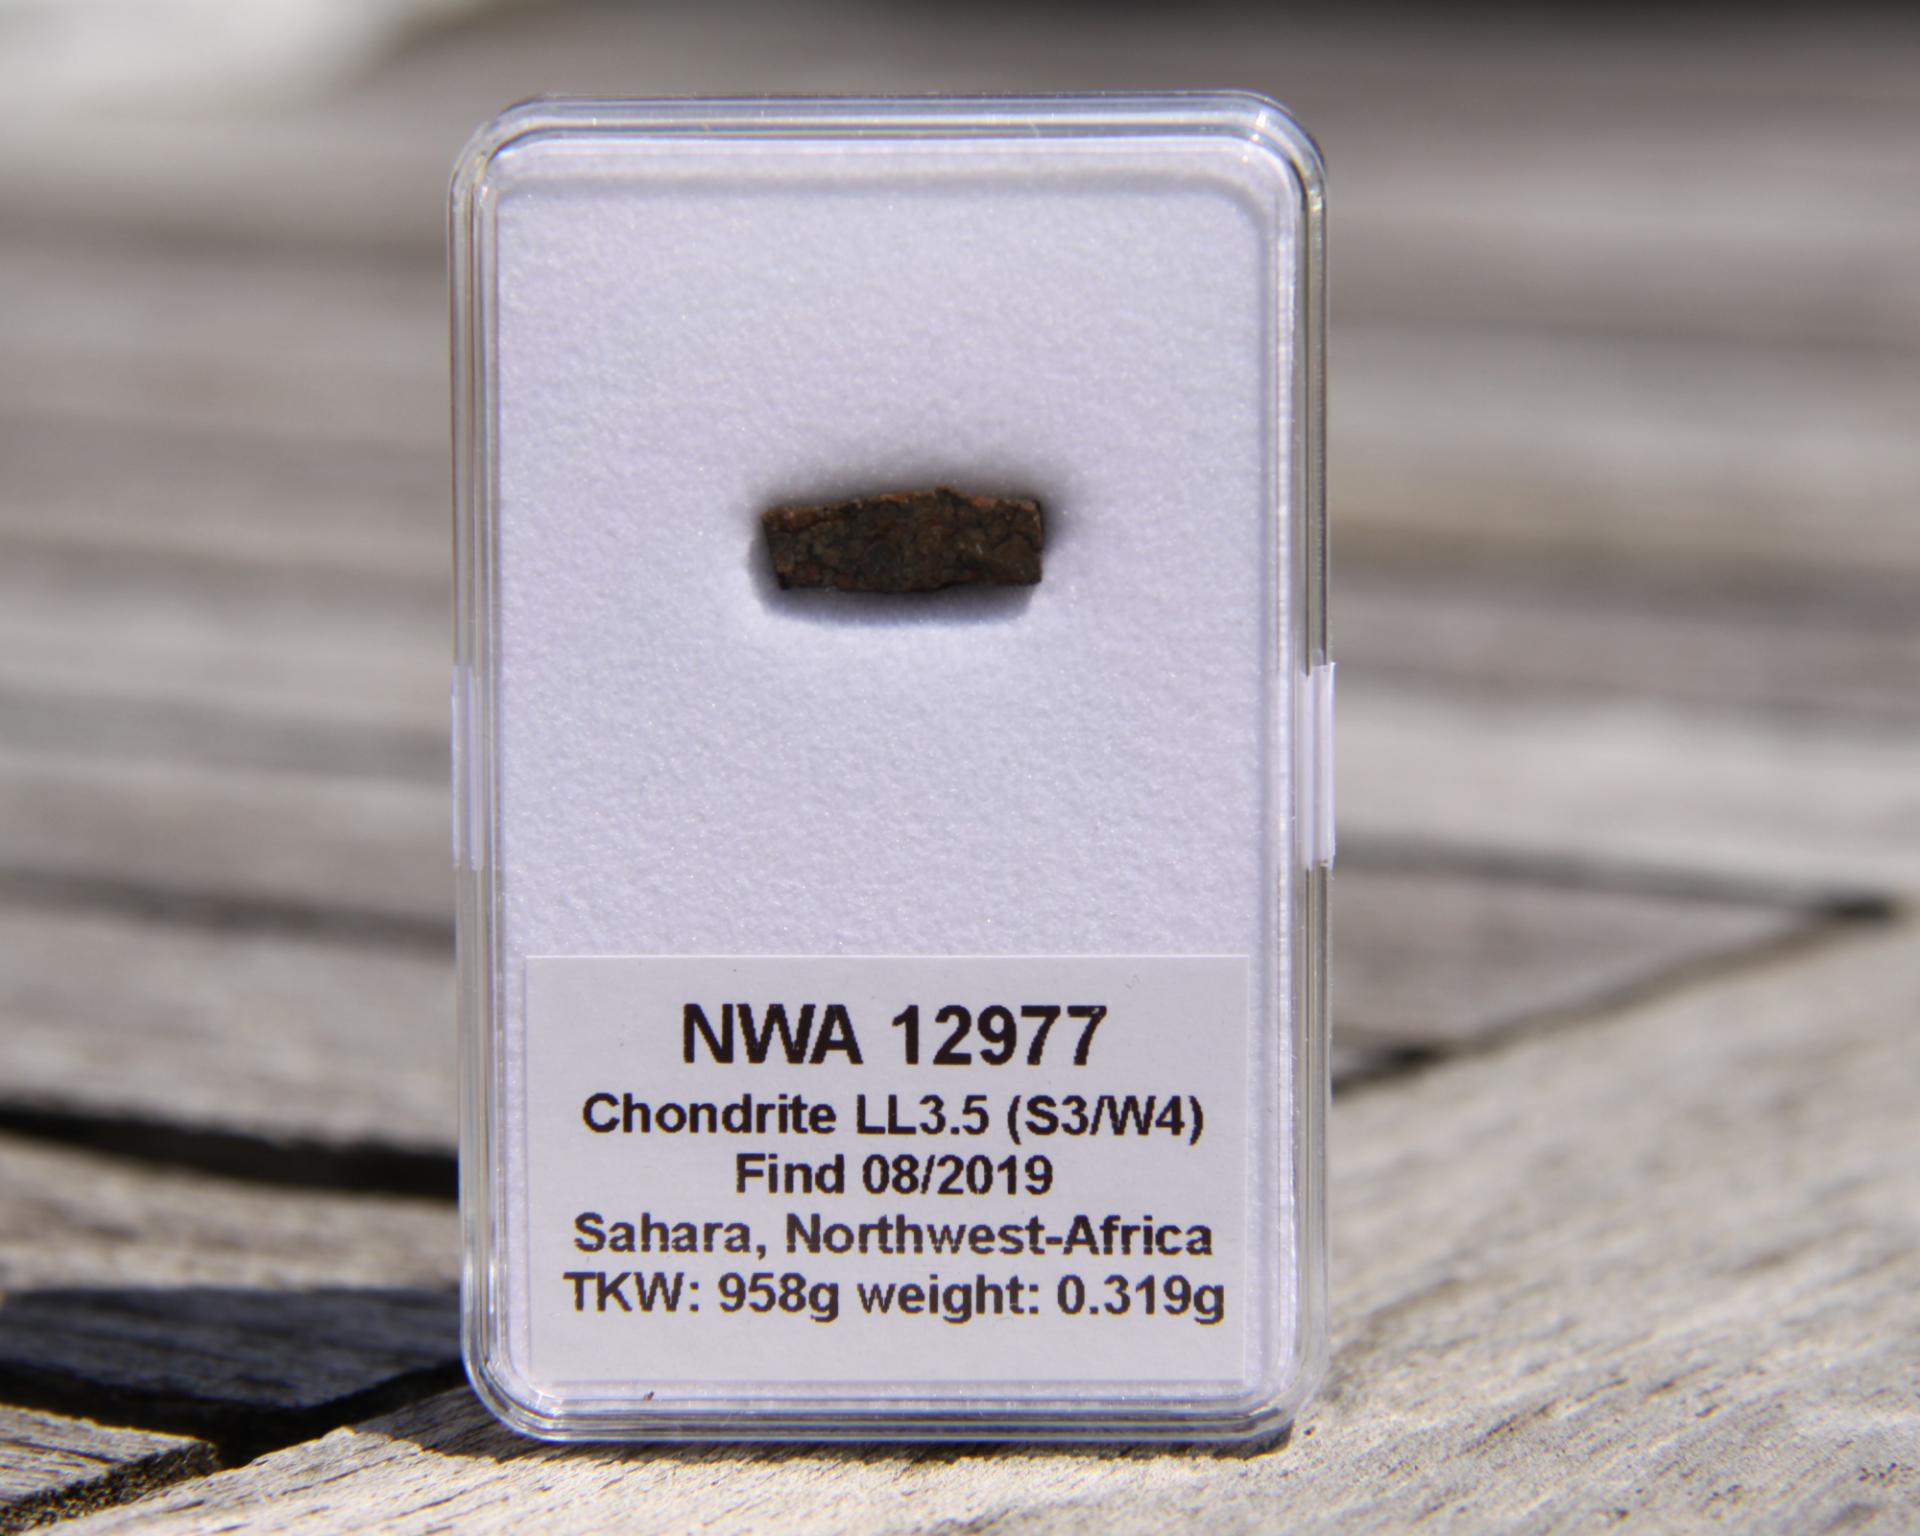 Nwa 12977